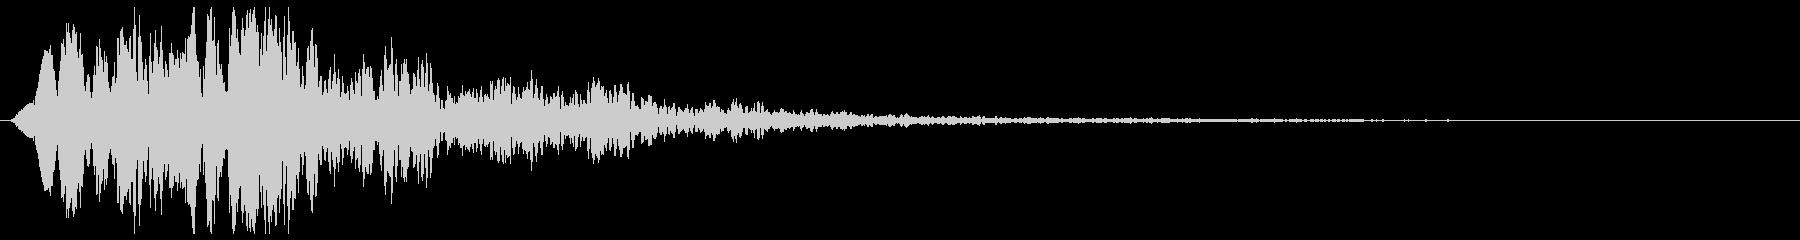 トゥン(神秘的な音)の未再生の波形